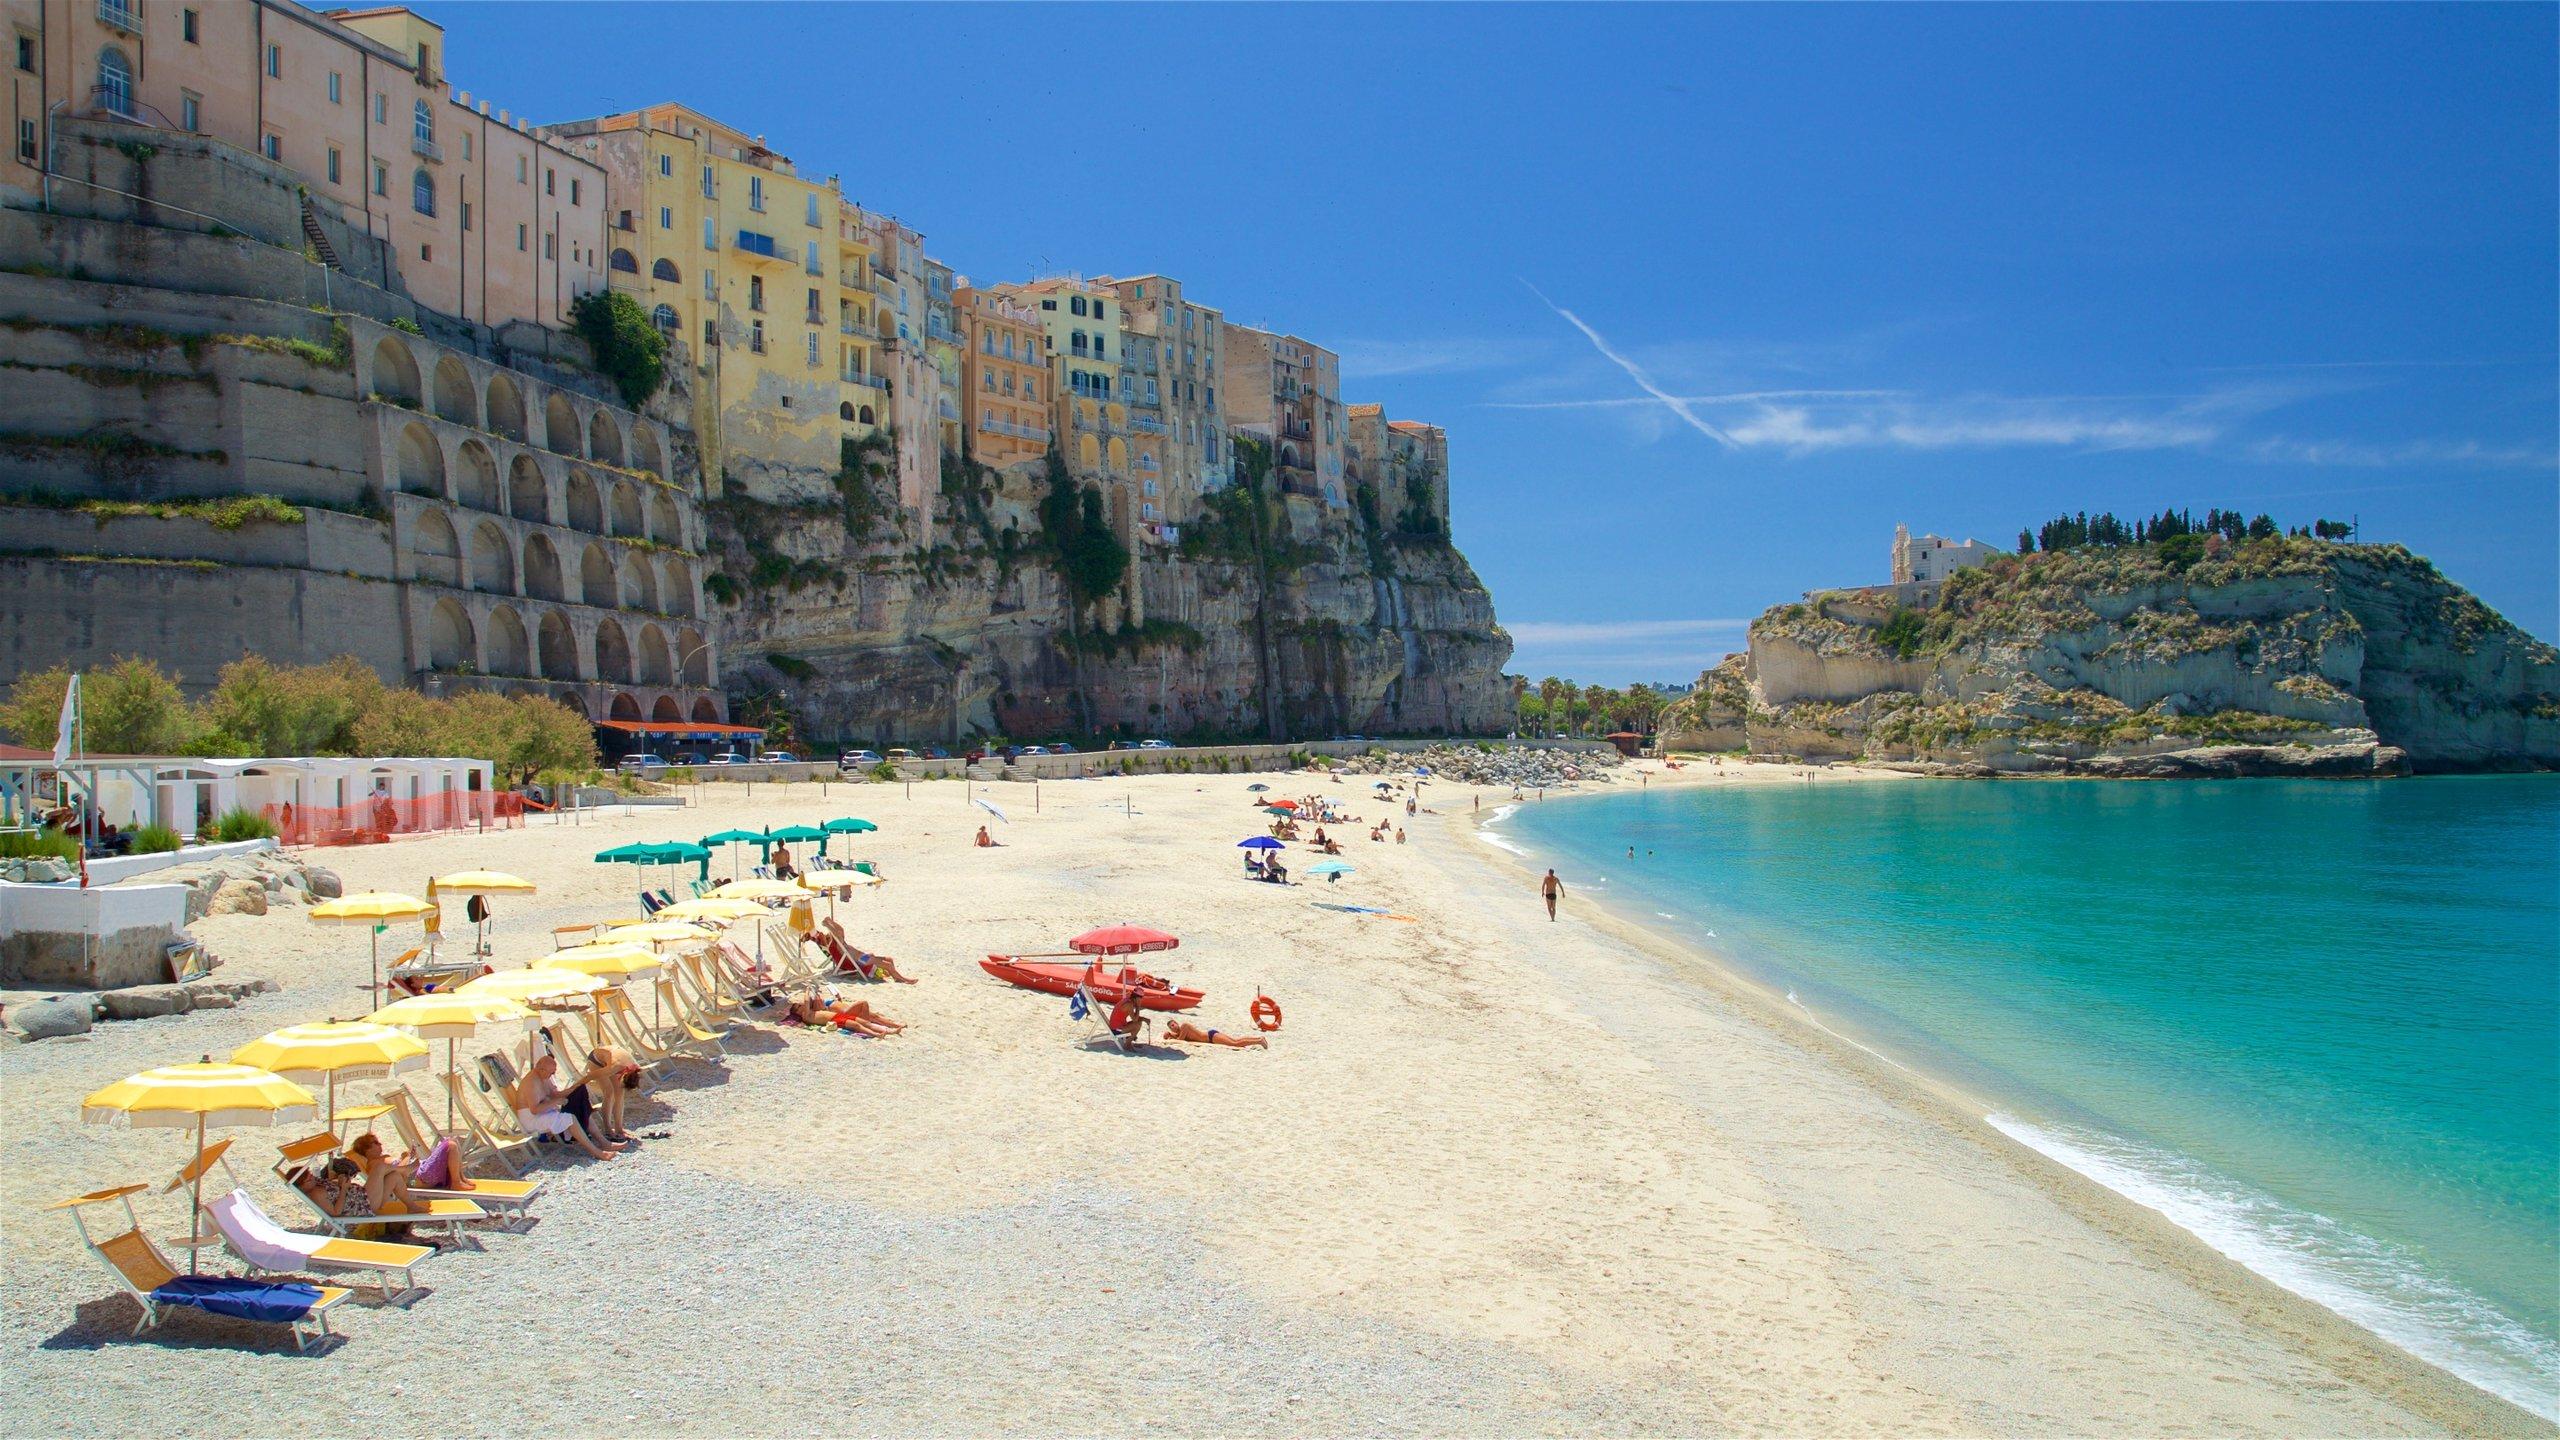 Vibo Valentia (provins), Calabria, Italien